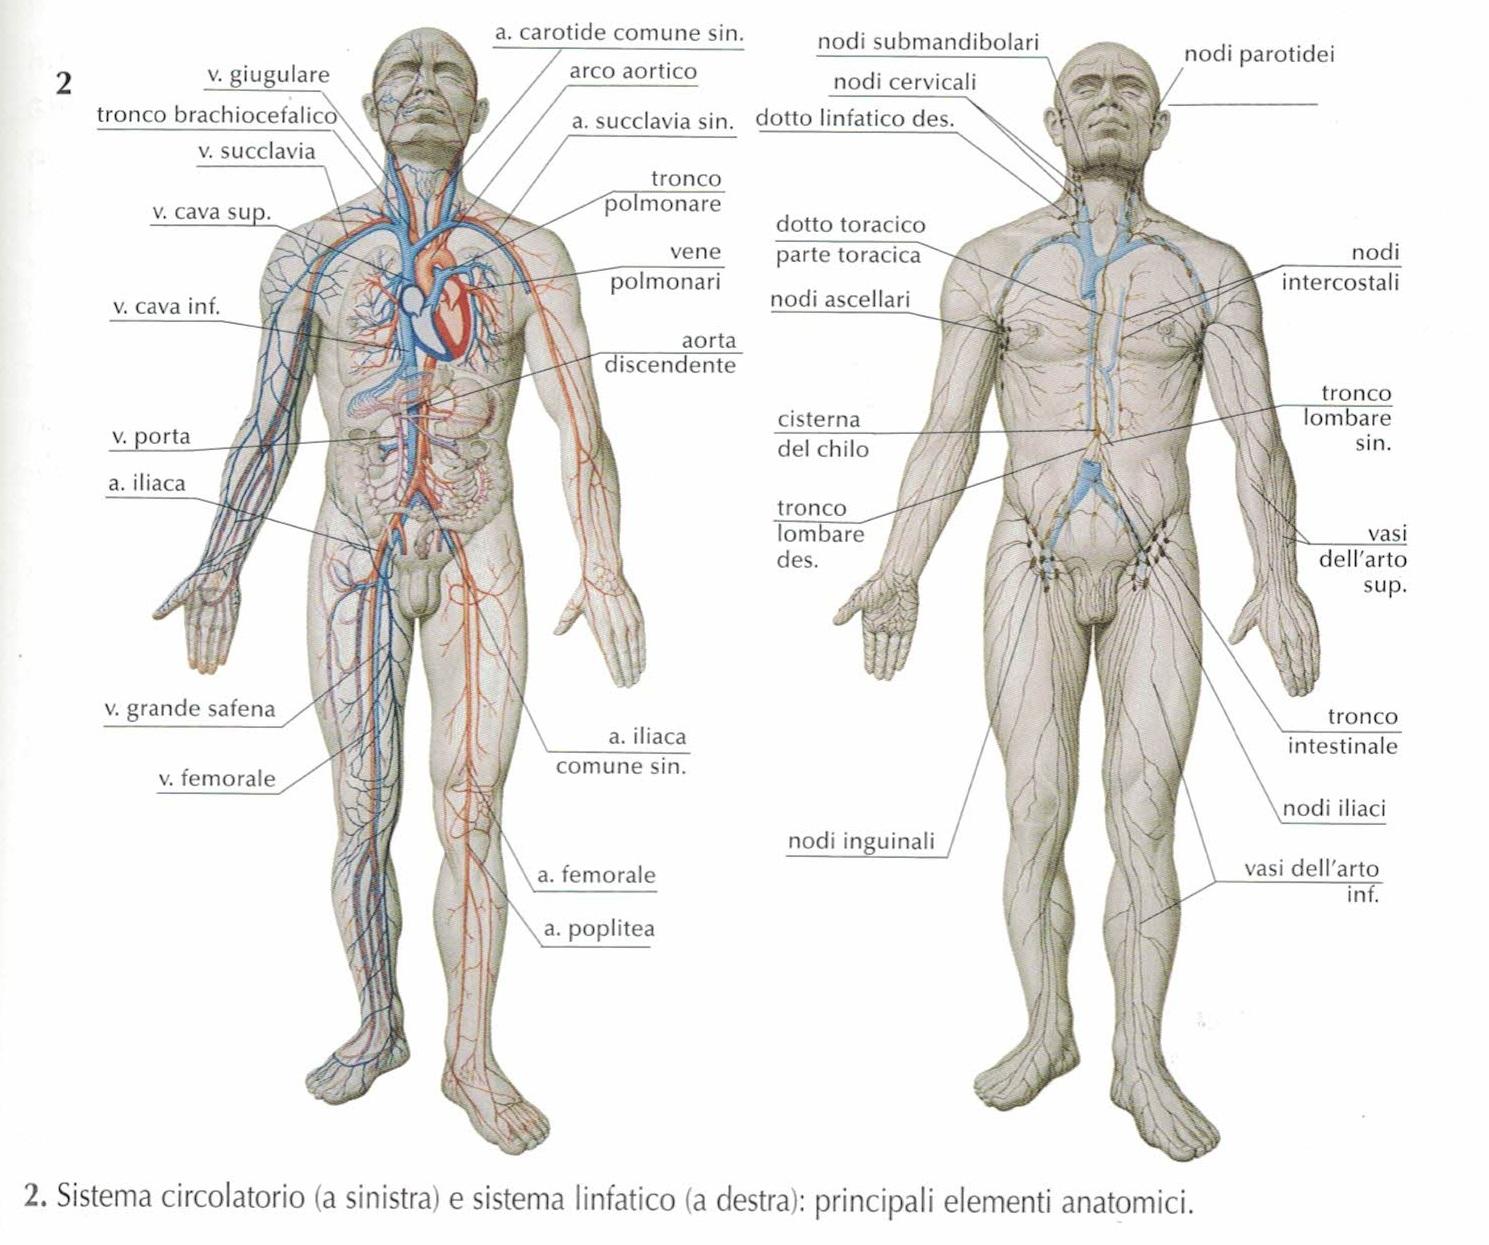 sistema circolatorio e sistema linfatico